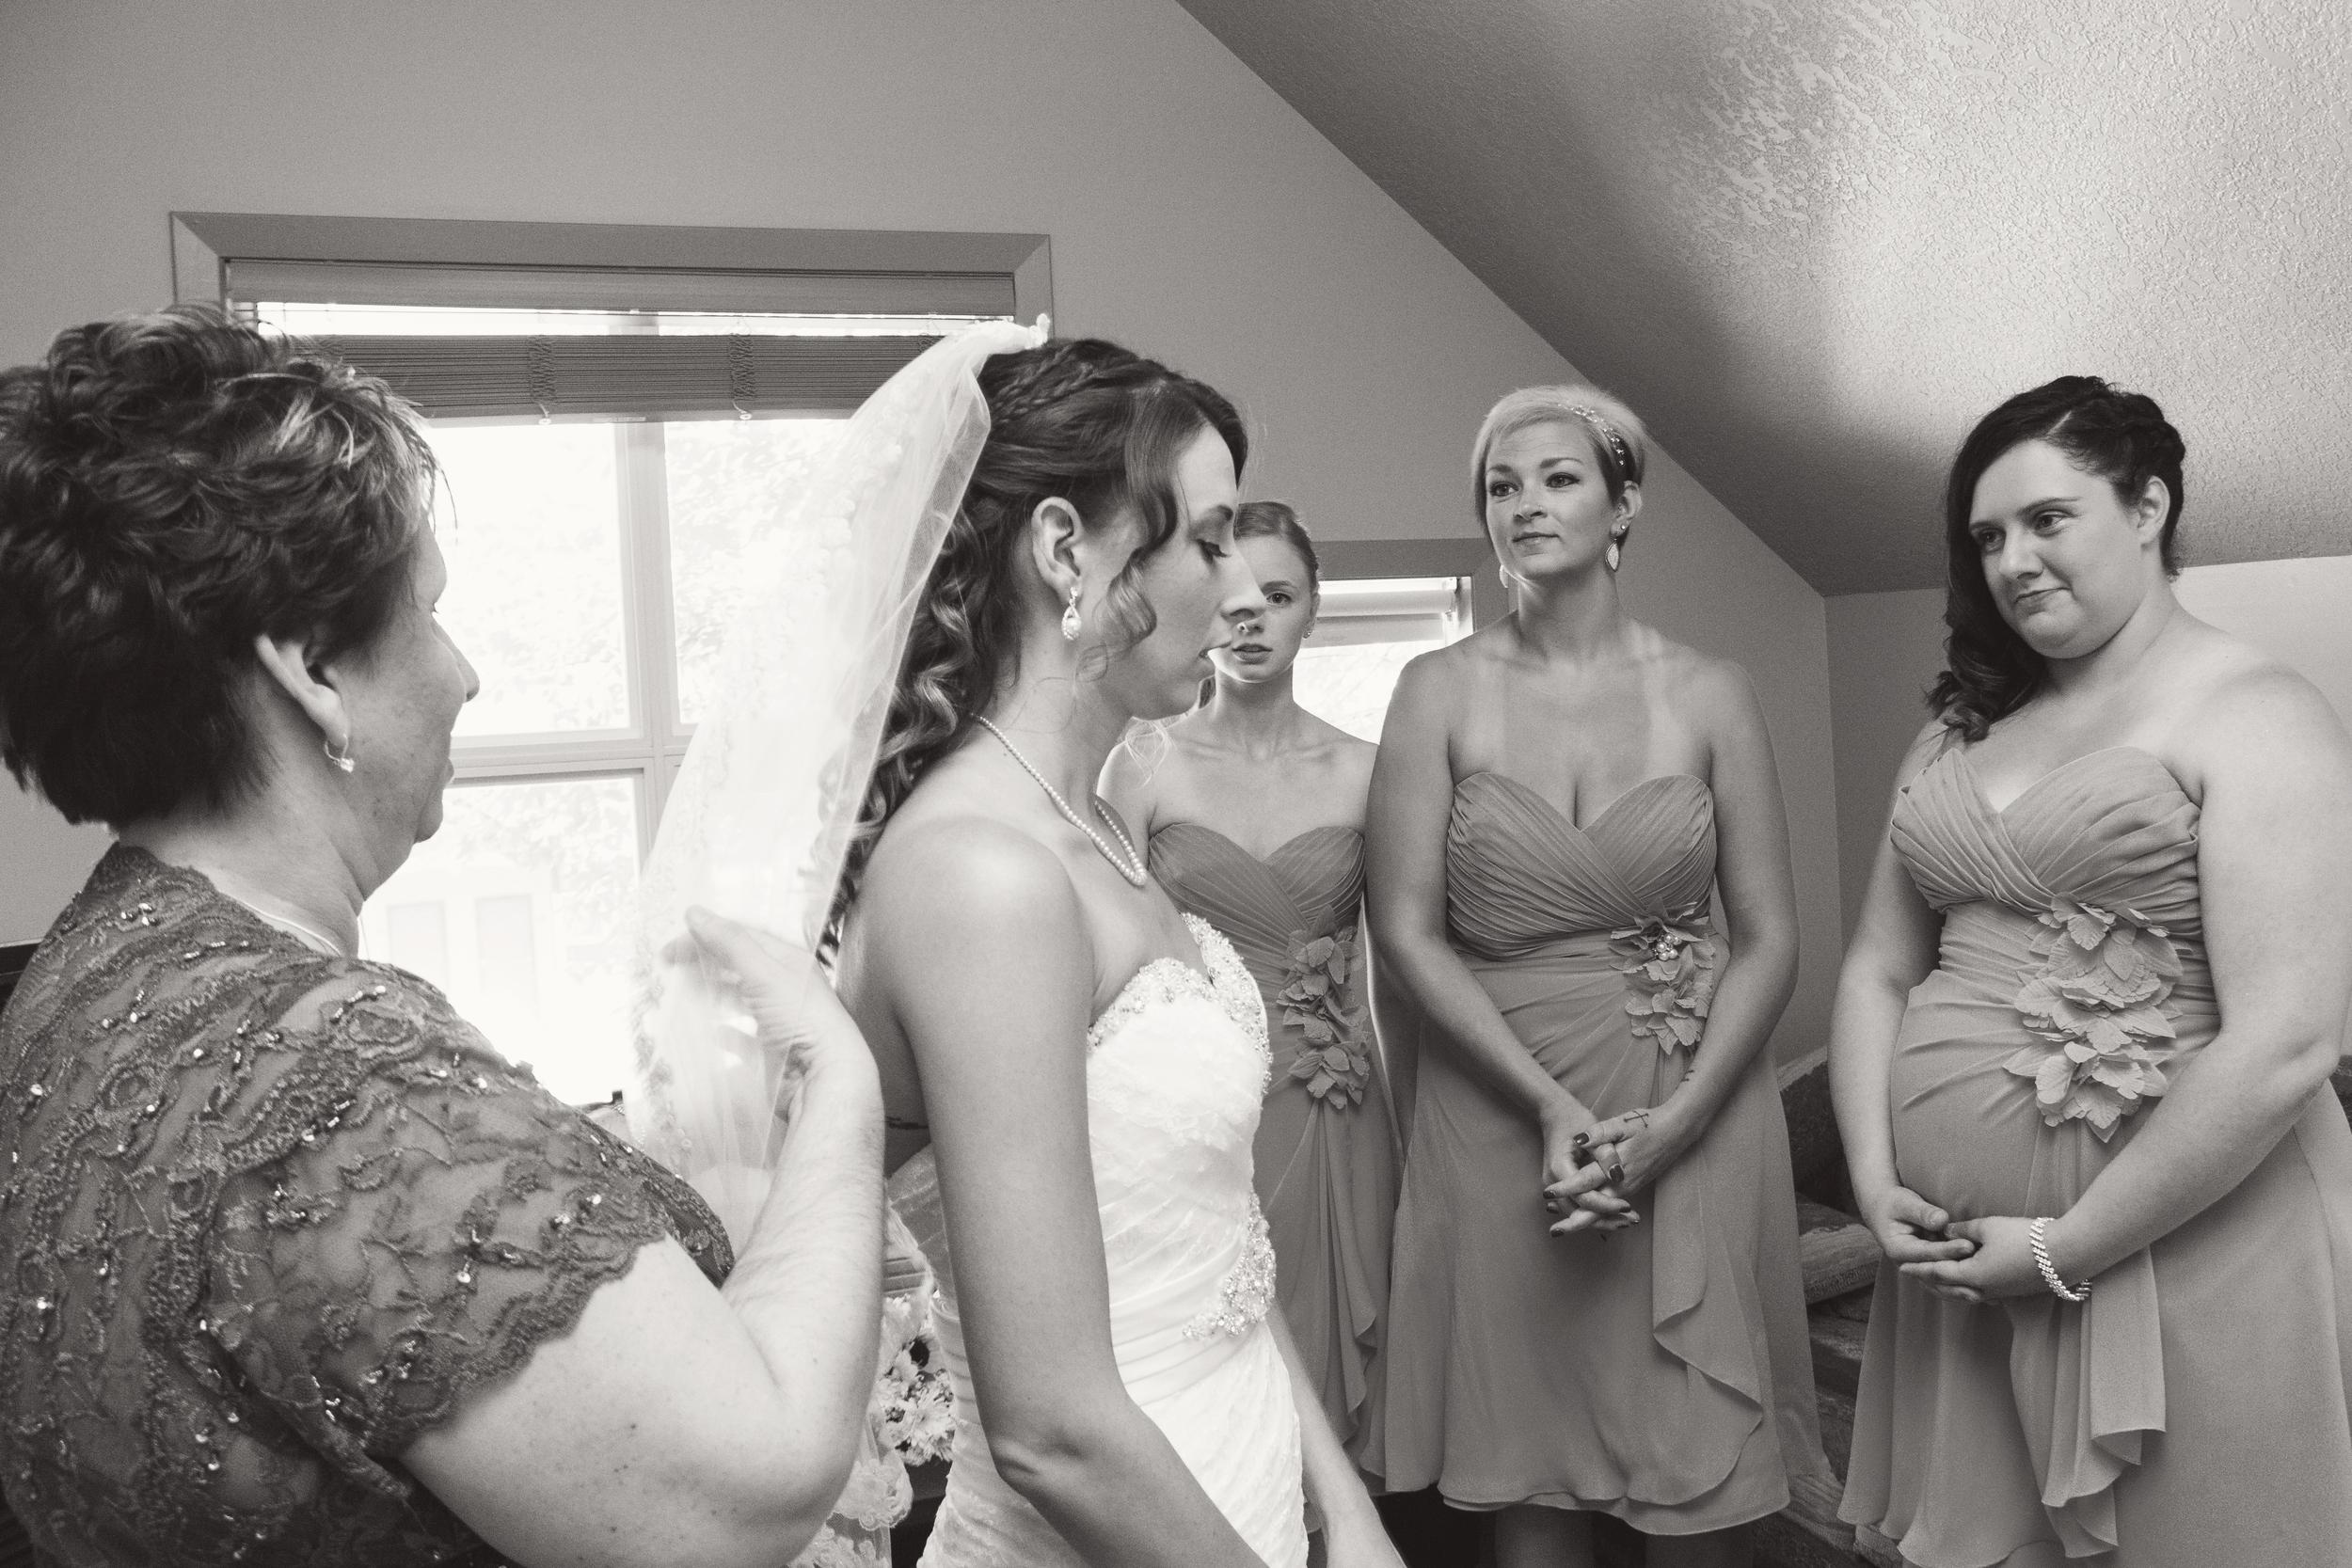 TJ_Wedding_031_bw.jpg